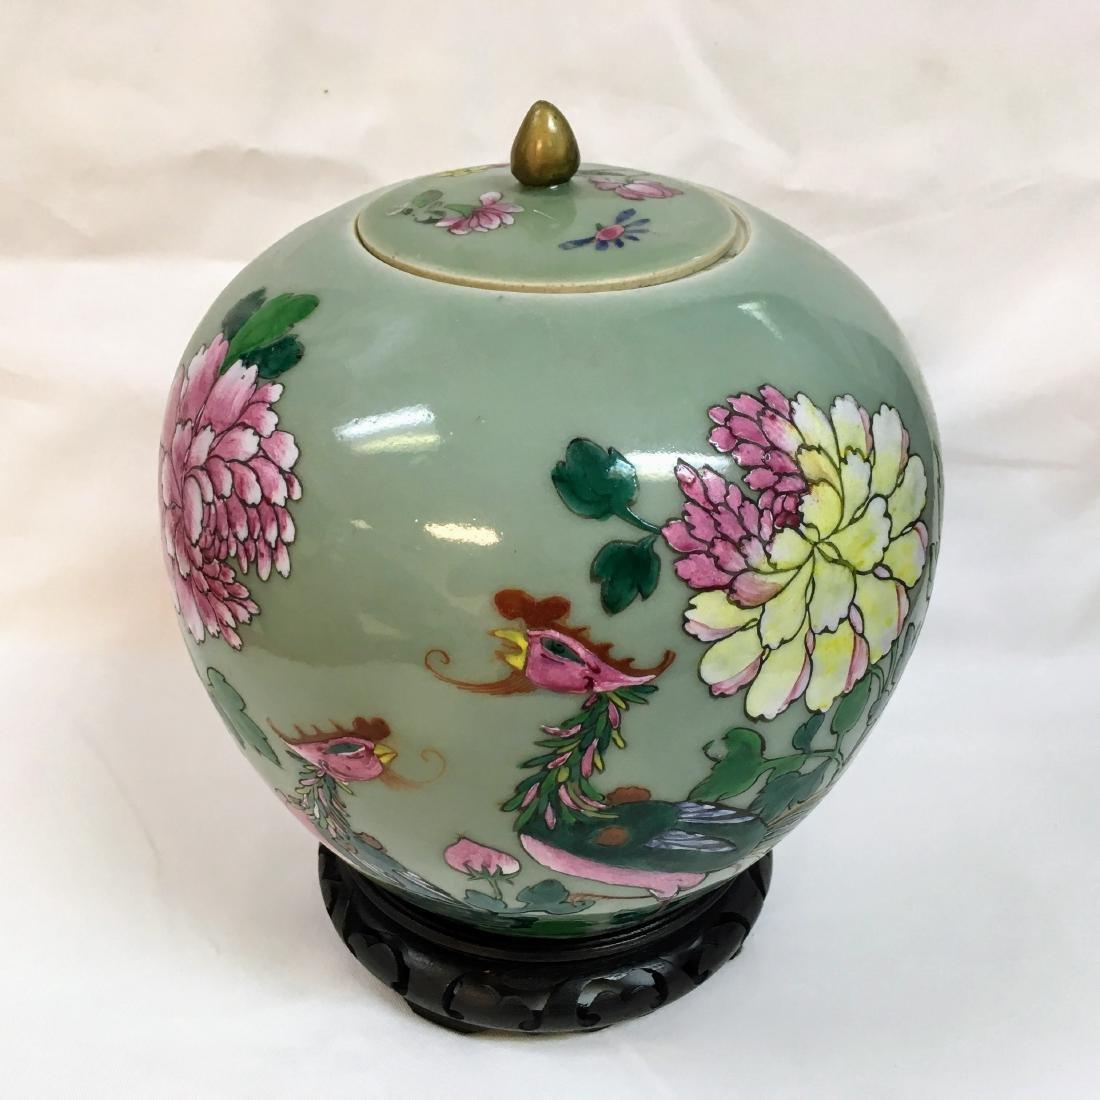 Antique Chinese Famille rose Porcelain green ginger jar - 4